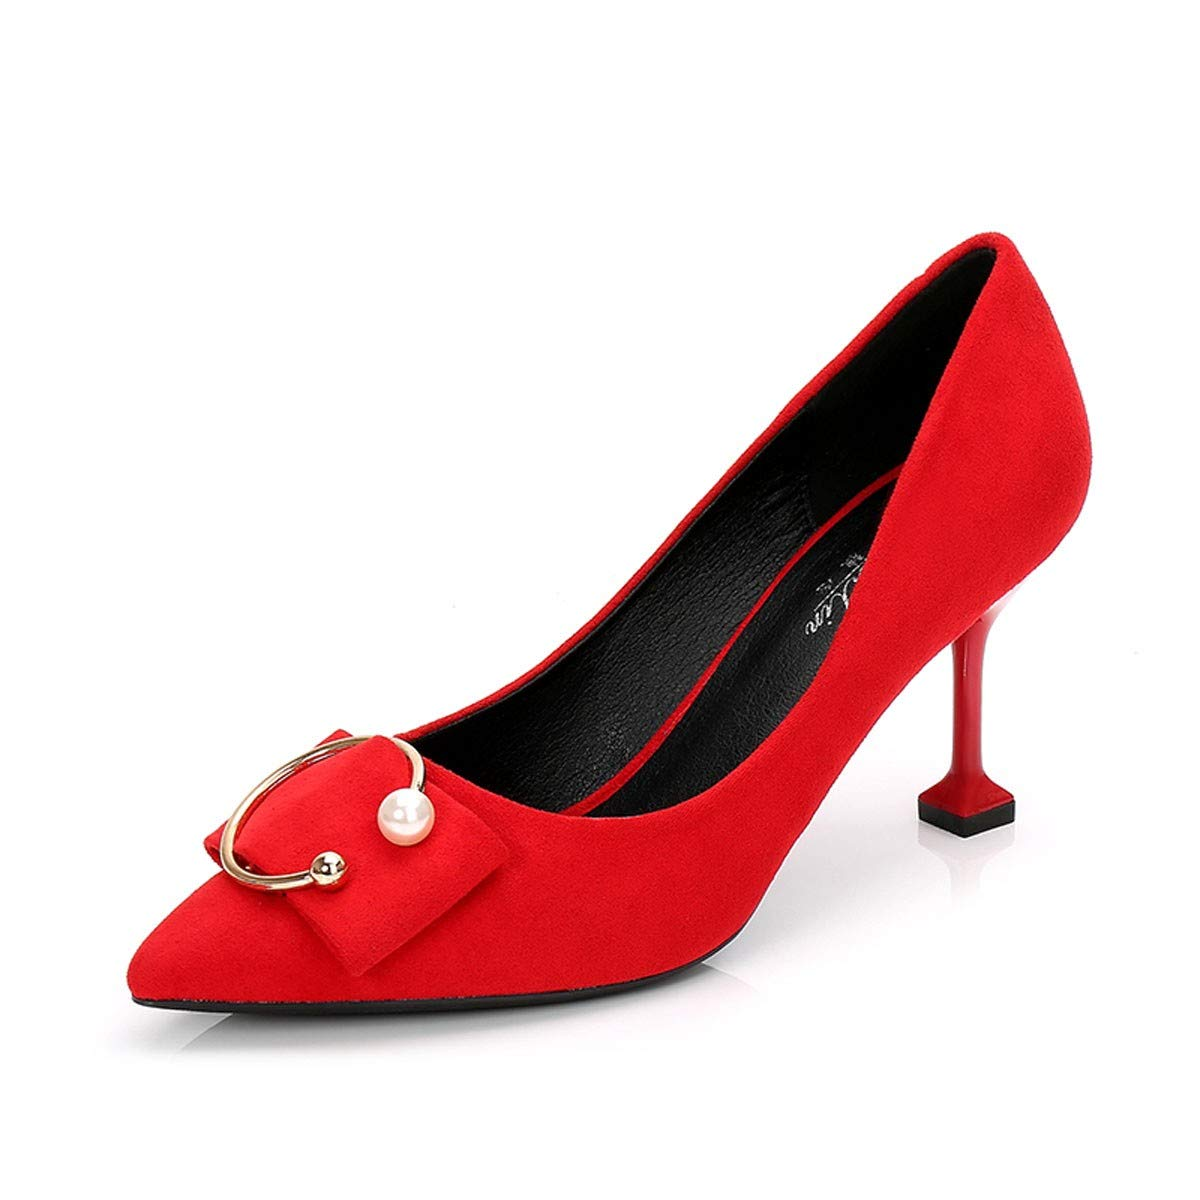 HBDLH Damenschuhe Rot 7Cm High Heels Heels Heels Frühjahr 100 Sätze Fein Hacken Quadratische Buttons Wildleder Cat - Heels Einzelne Schuhe  12d991